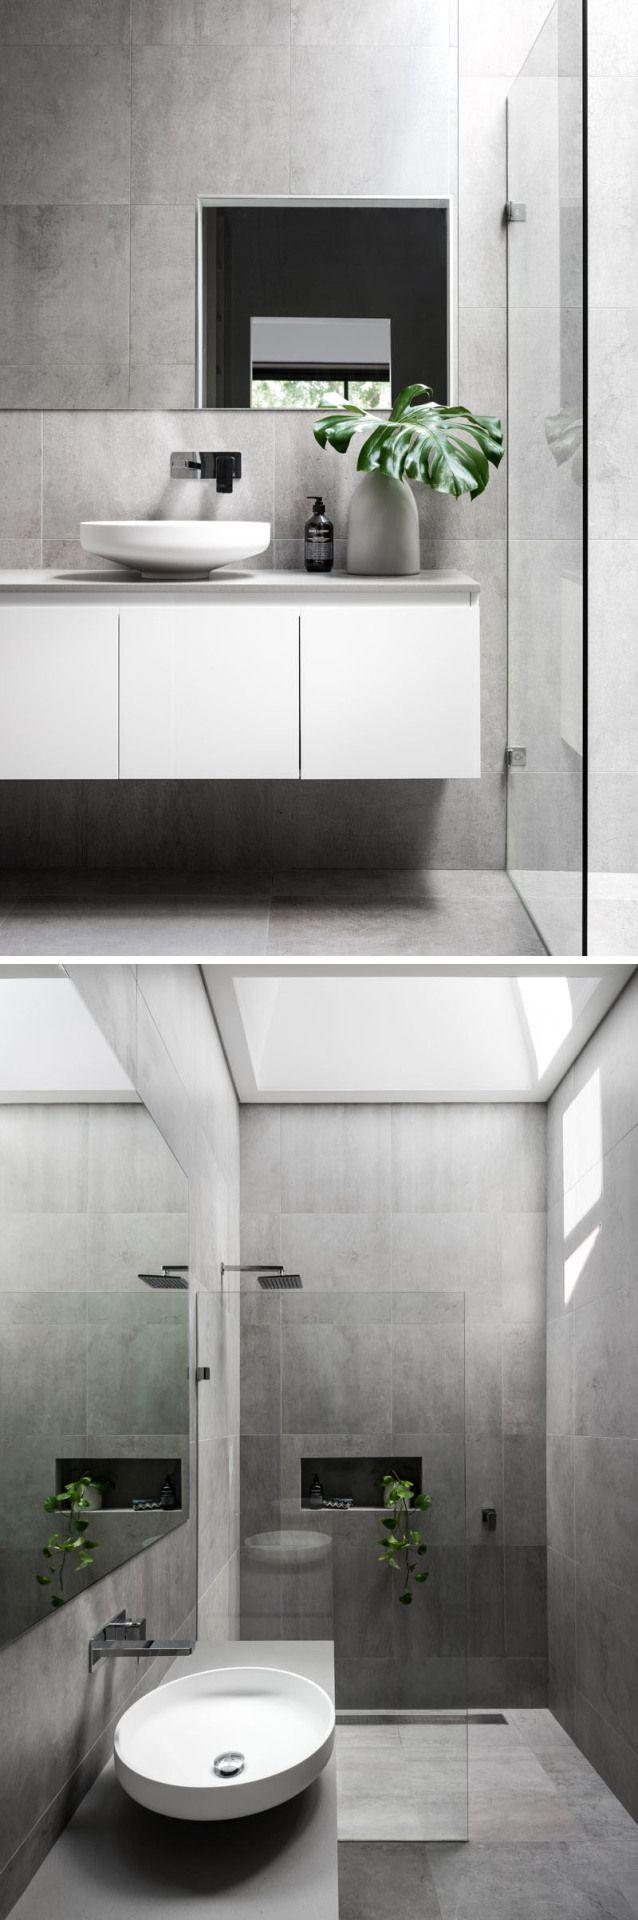 The Wasley - Dalecki Design | Bathroom Design | Pinterest | Slate ...